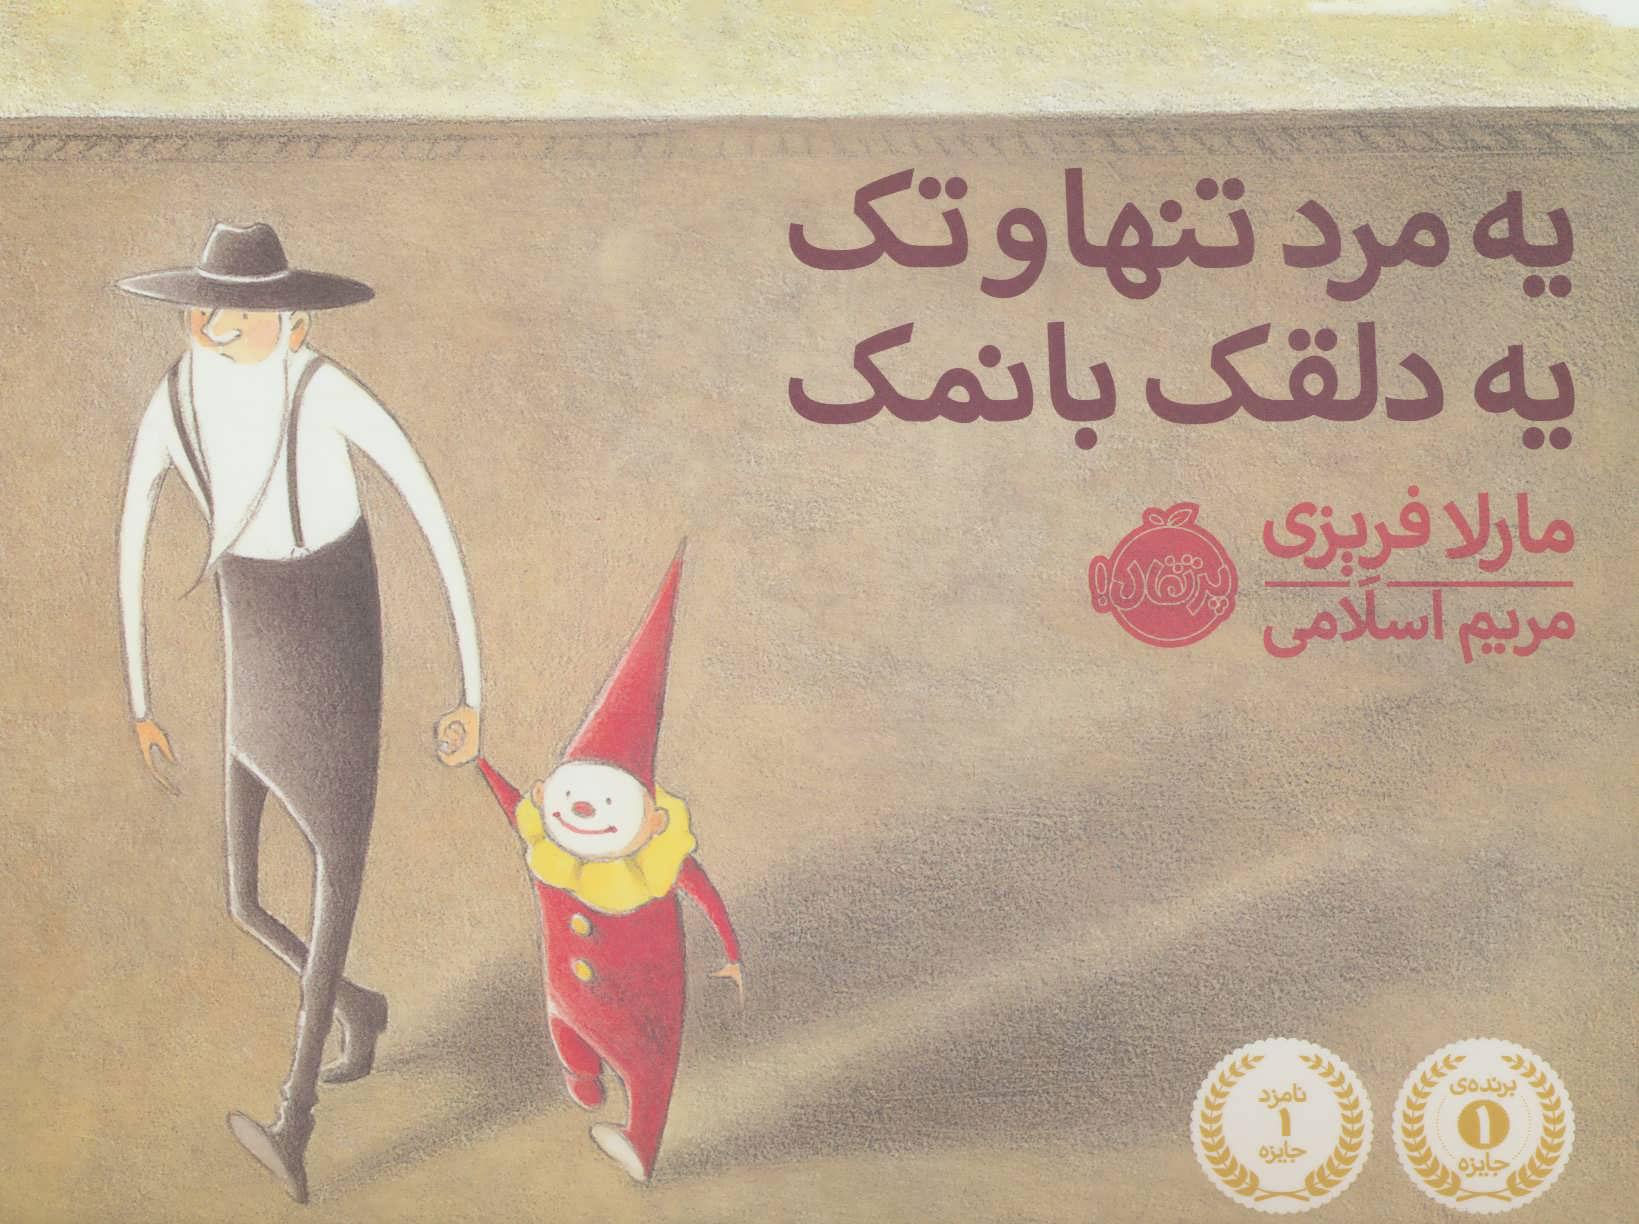 کتاب یه مرد تنها و تک یه دلقک بانمک